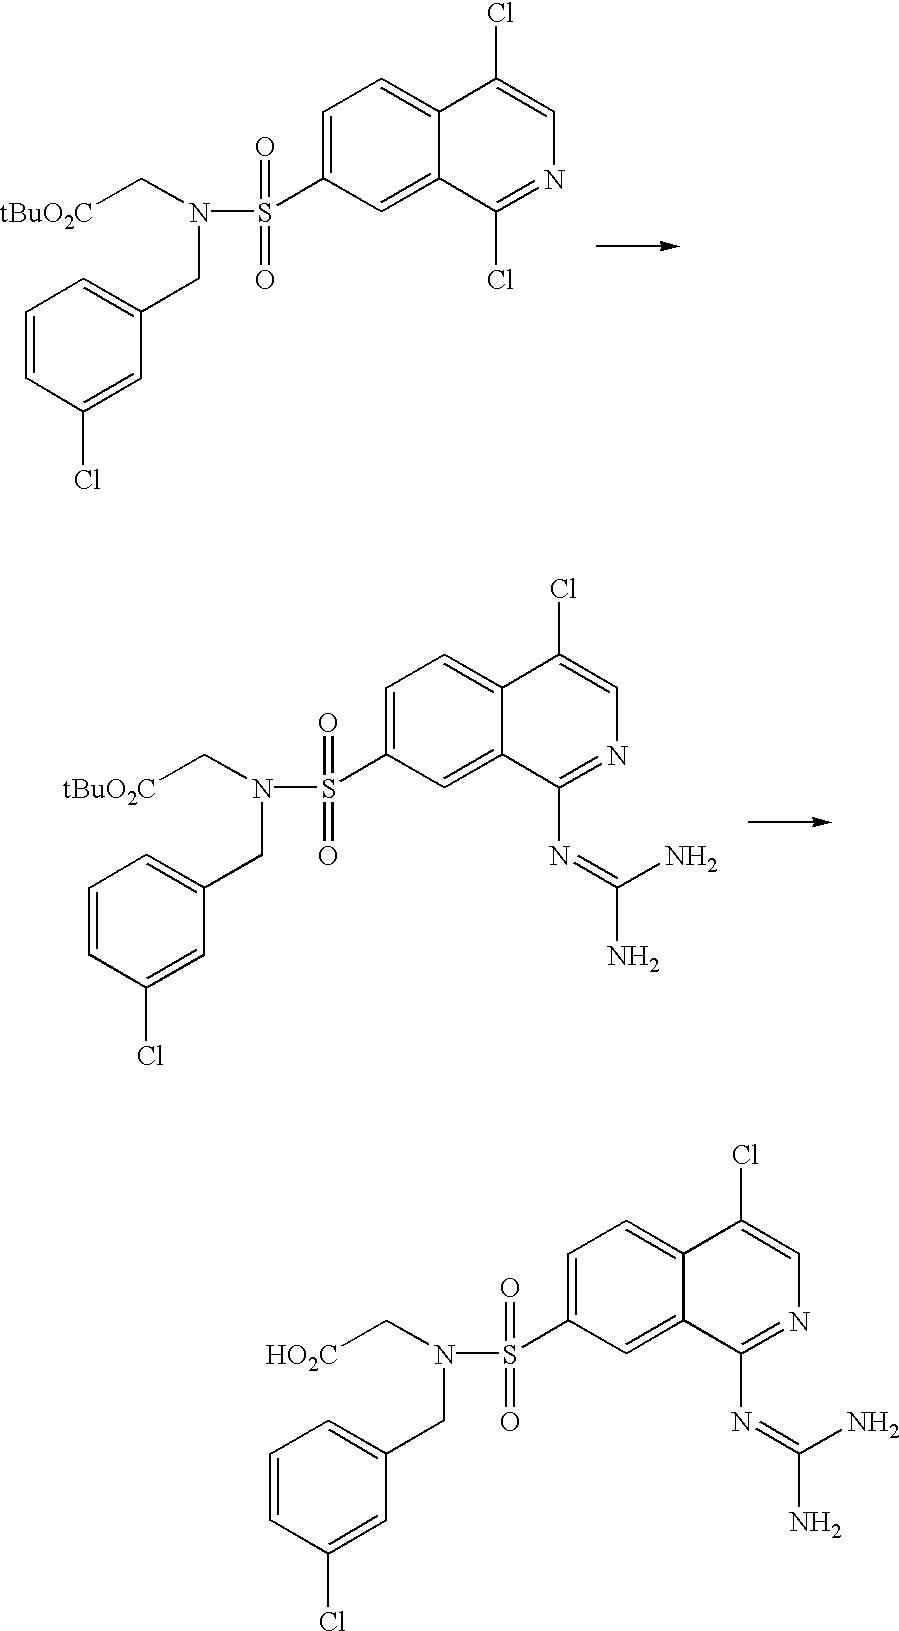 Figure US20030199440A1-20031023-C00048